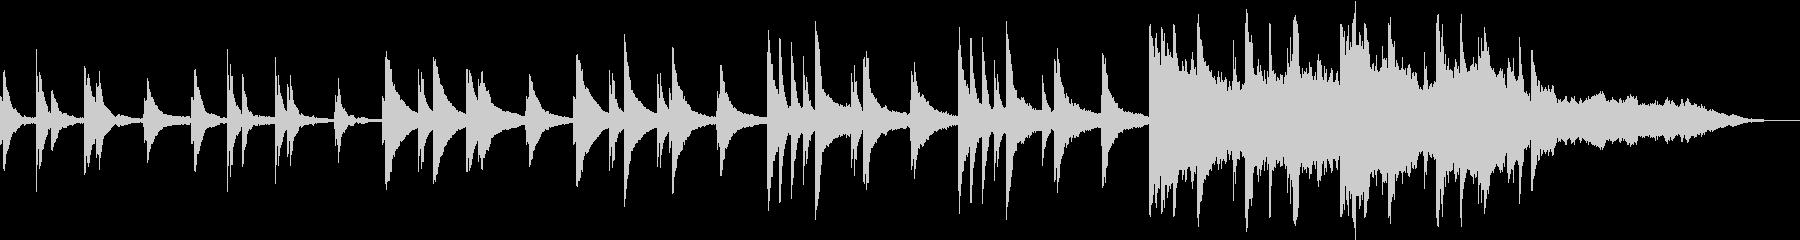 ピアノのゆったりしたバラードの未再生の波形